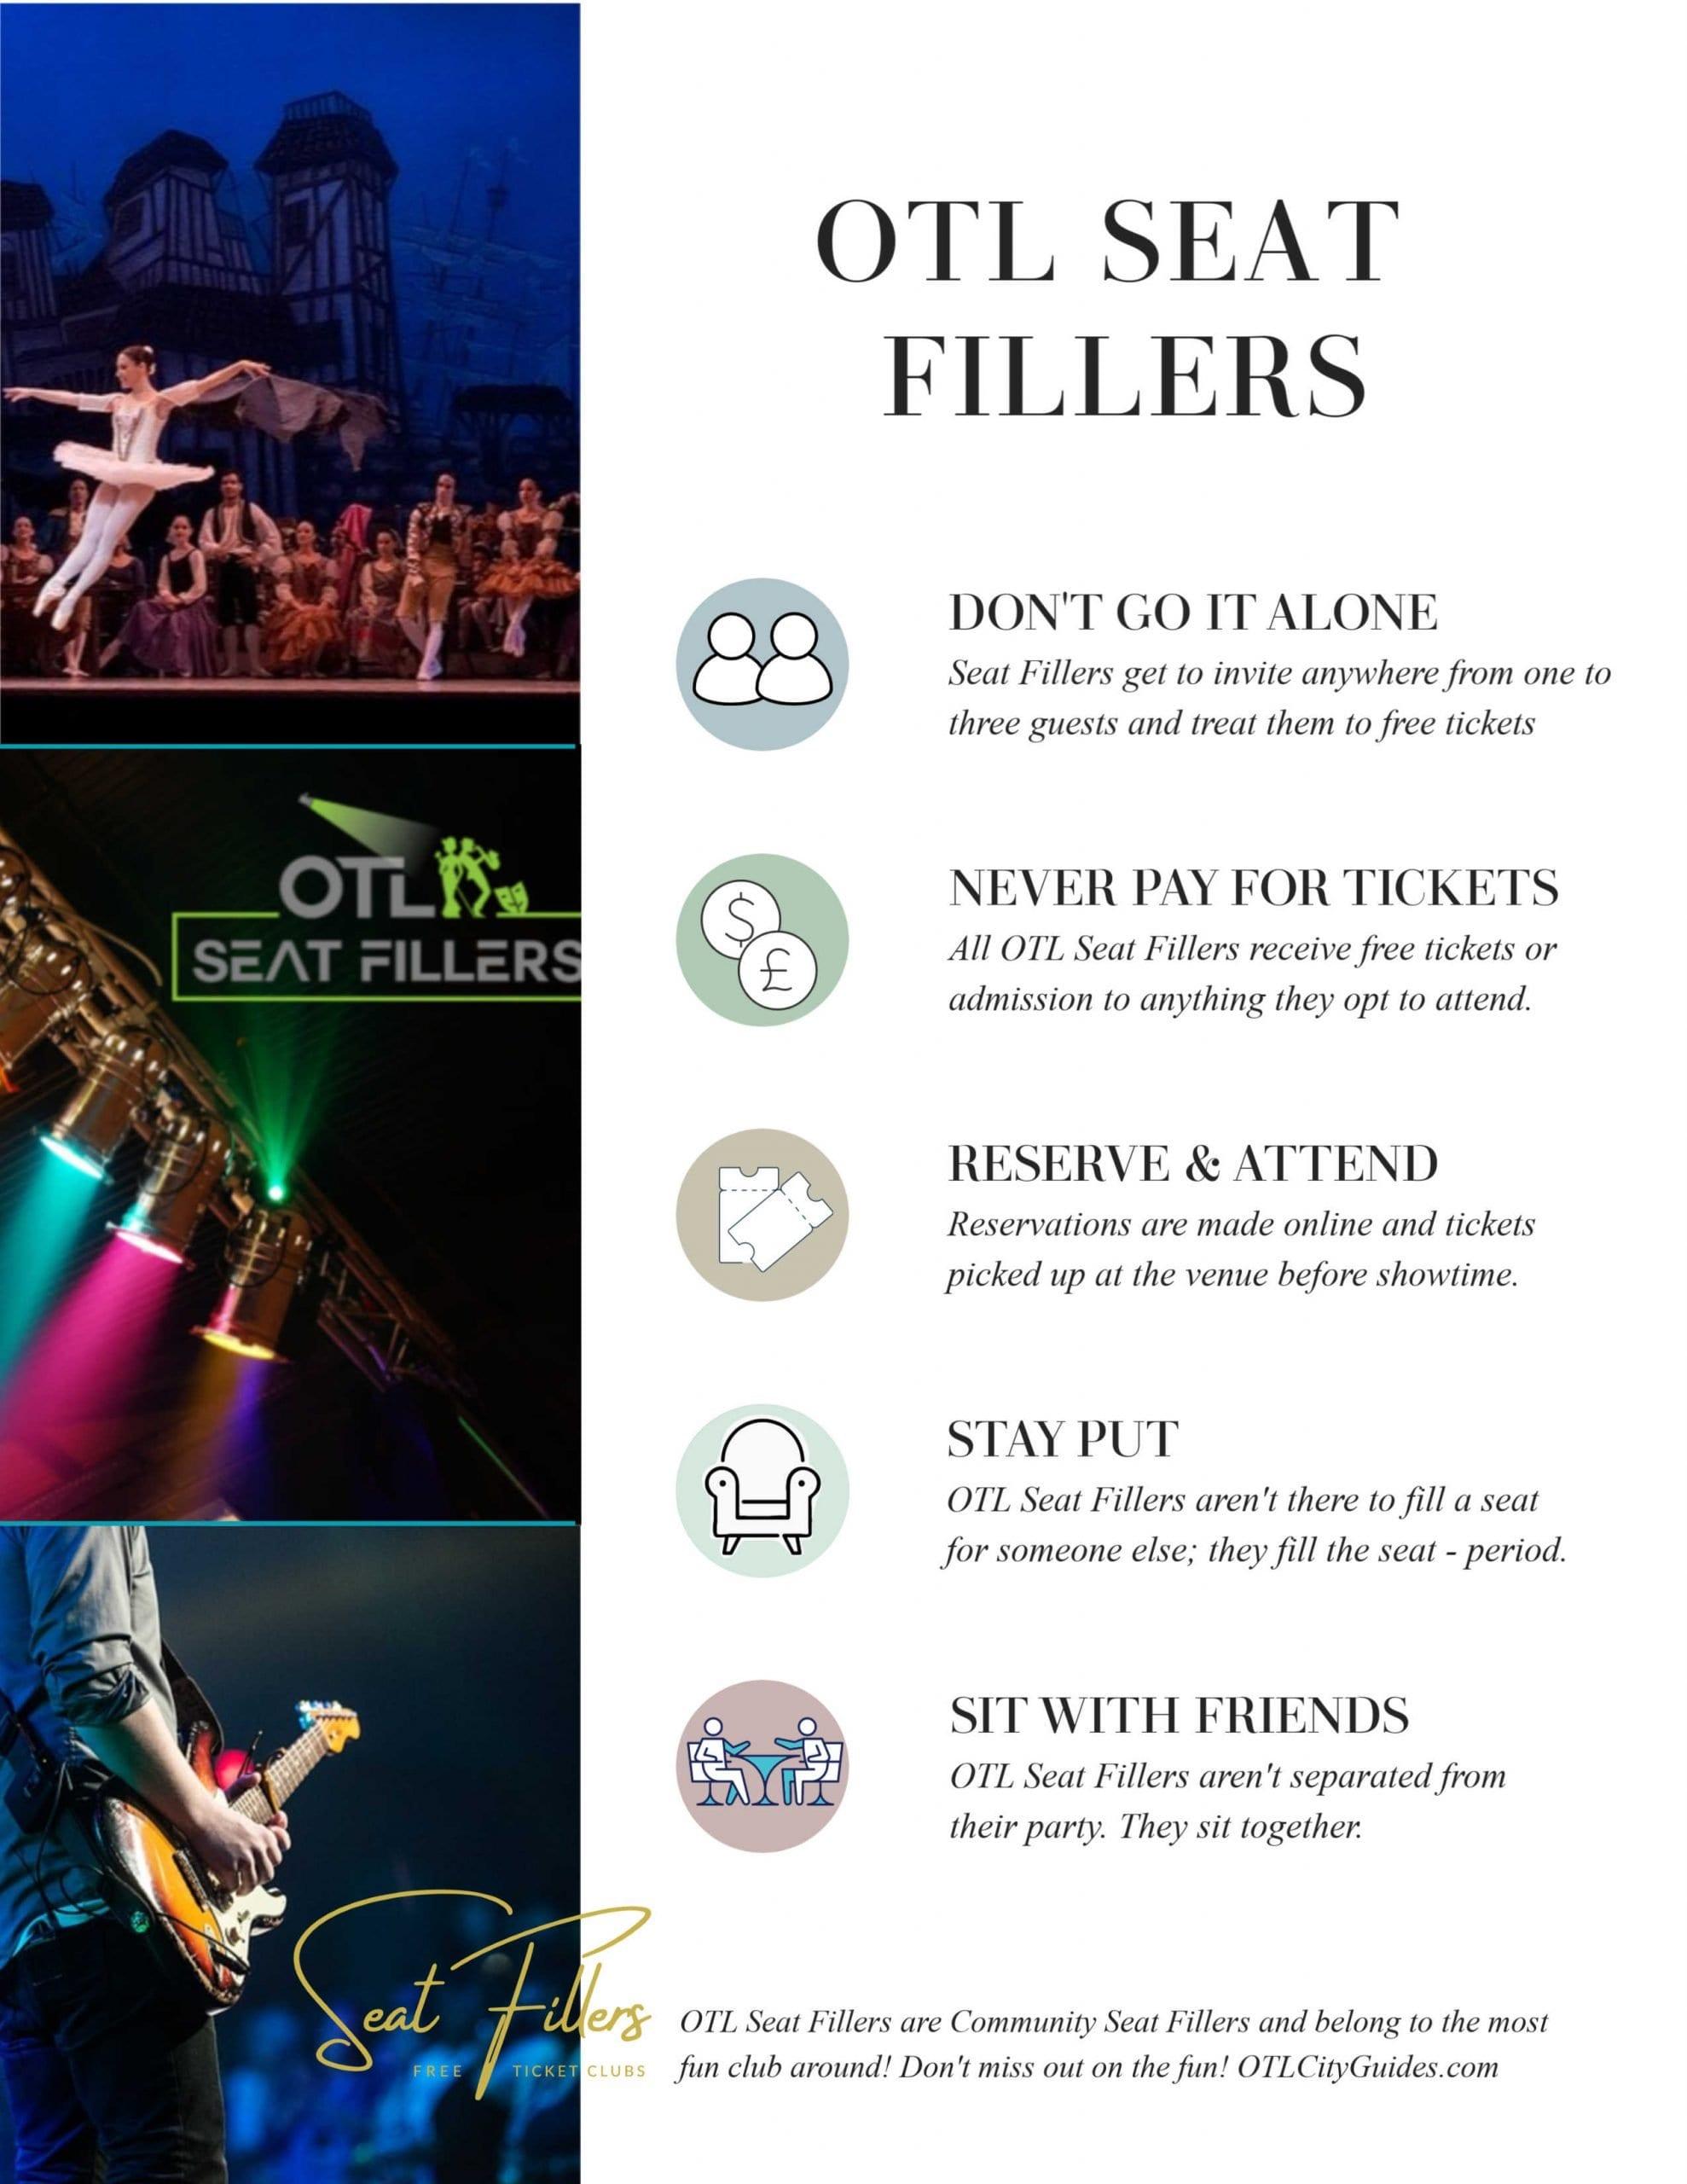 otl seat fillers, seat filling, free ticket club, free tickets club, seat fillers